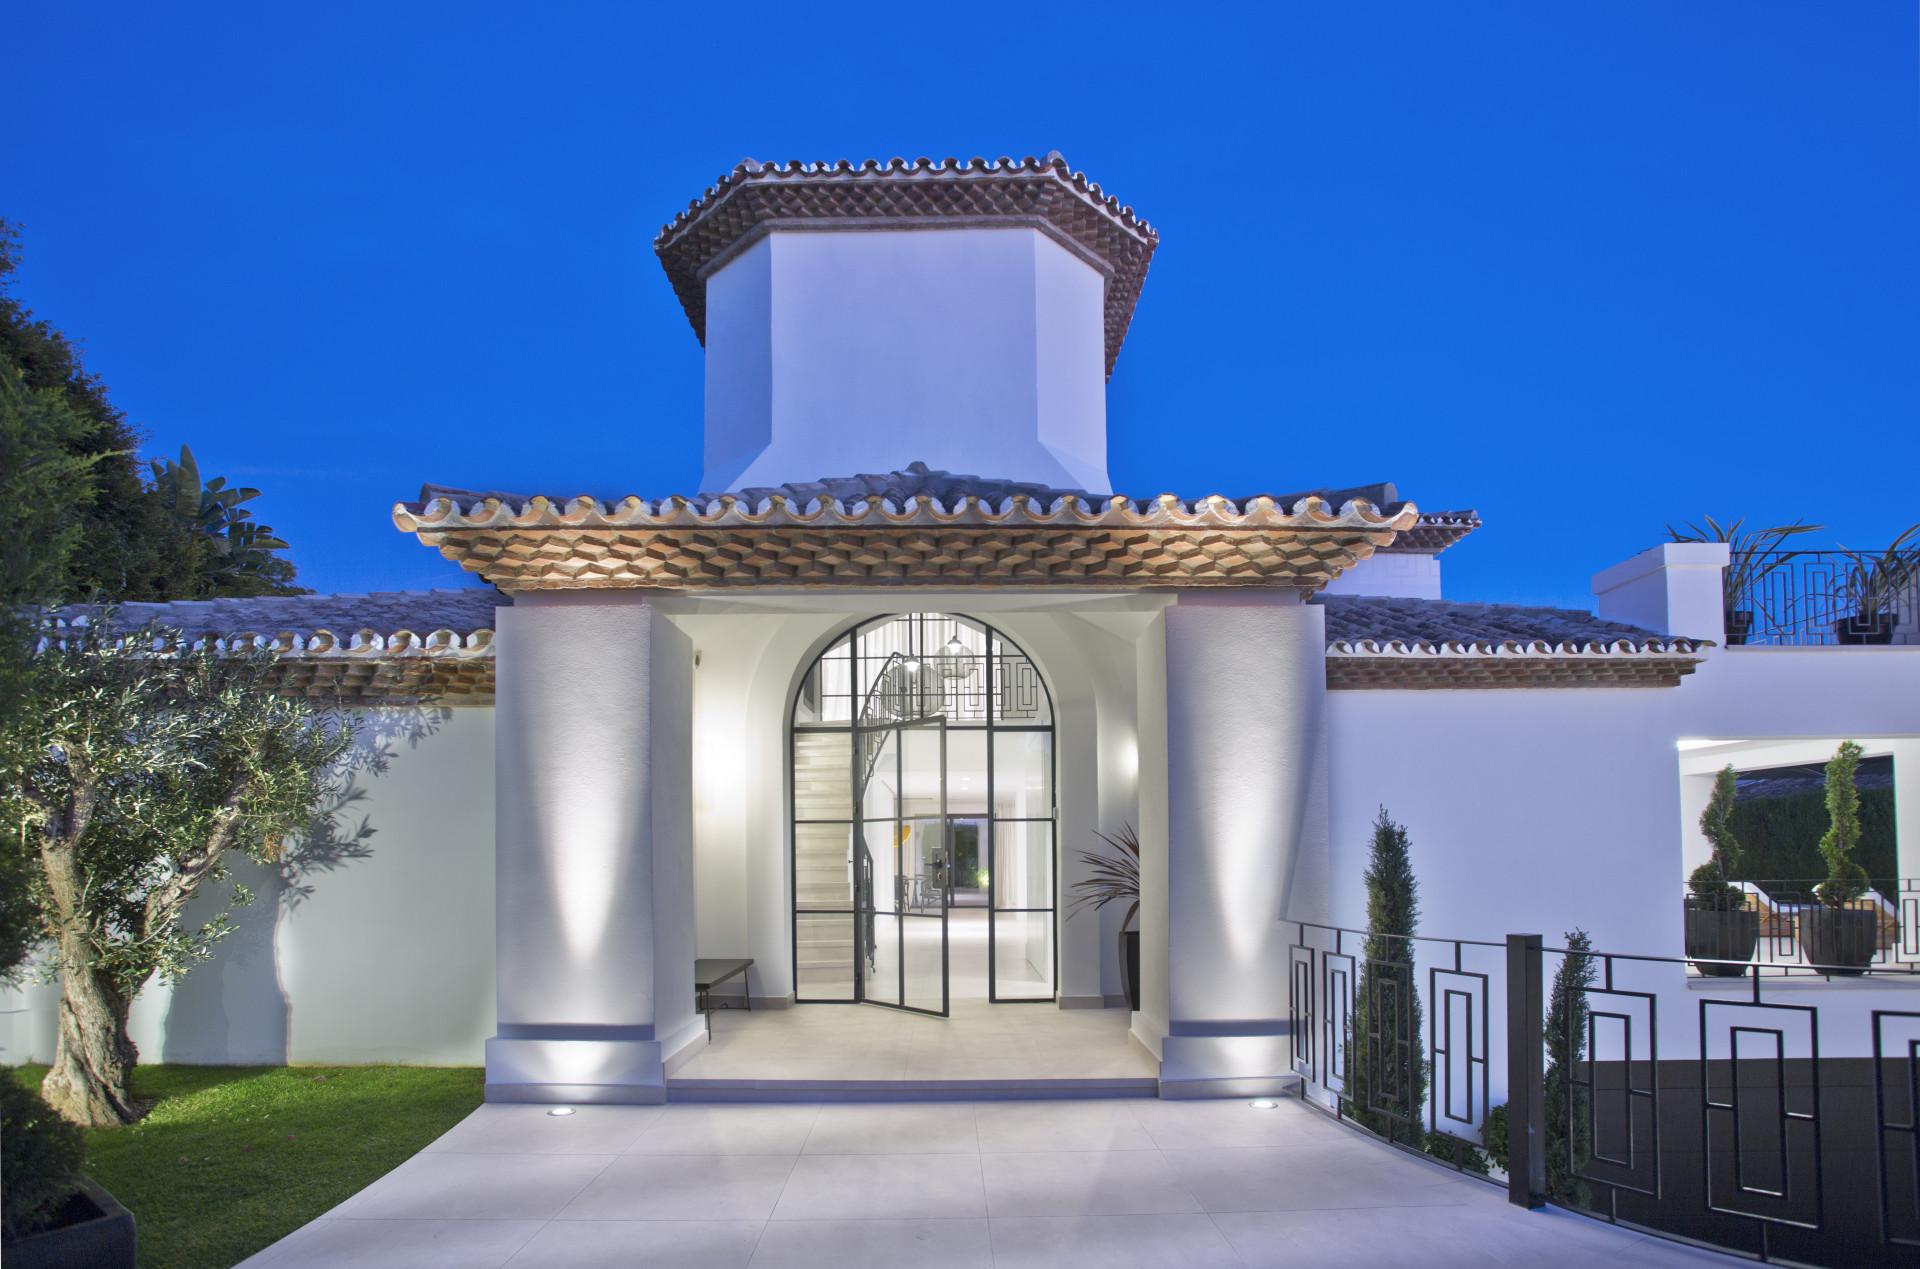 Villa de estilo mediterráneo en venta en Marbella